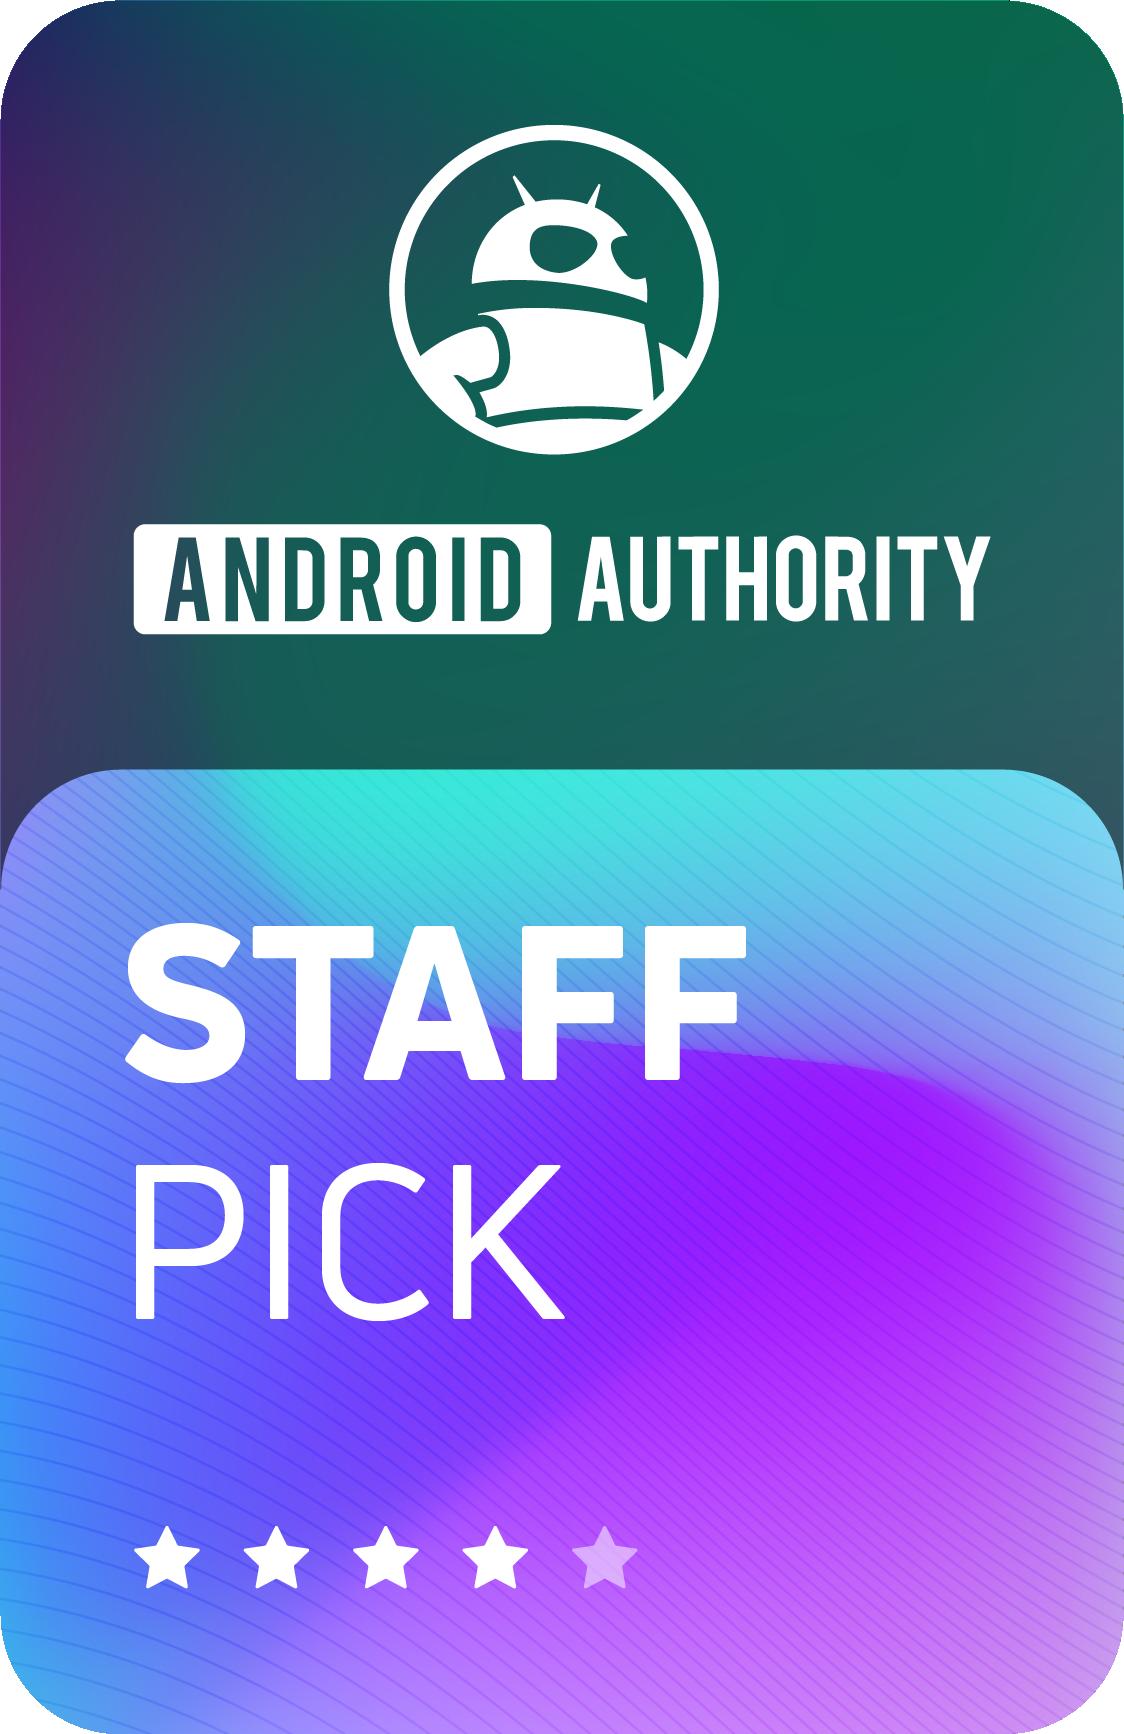 Staff Pick - 4 Star